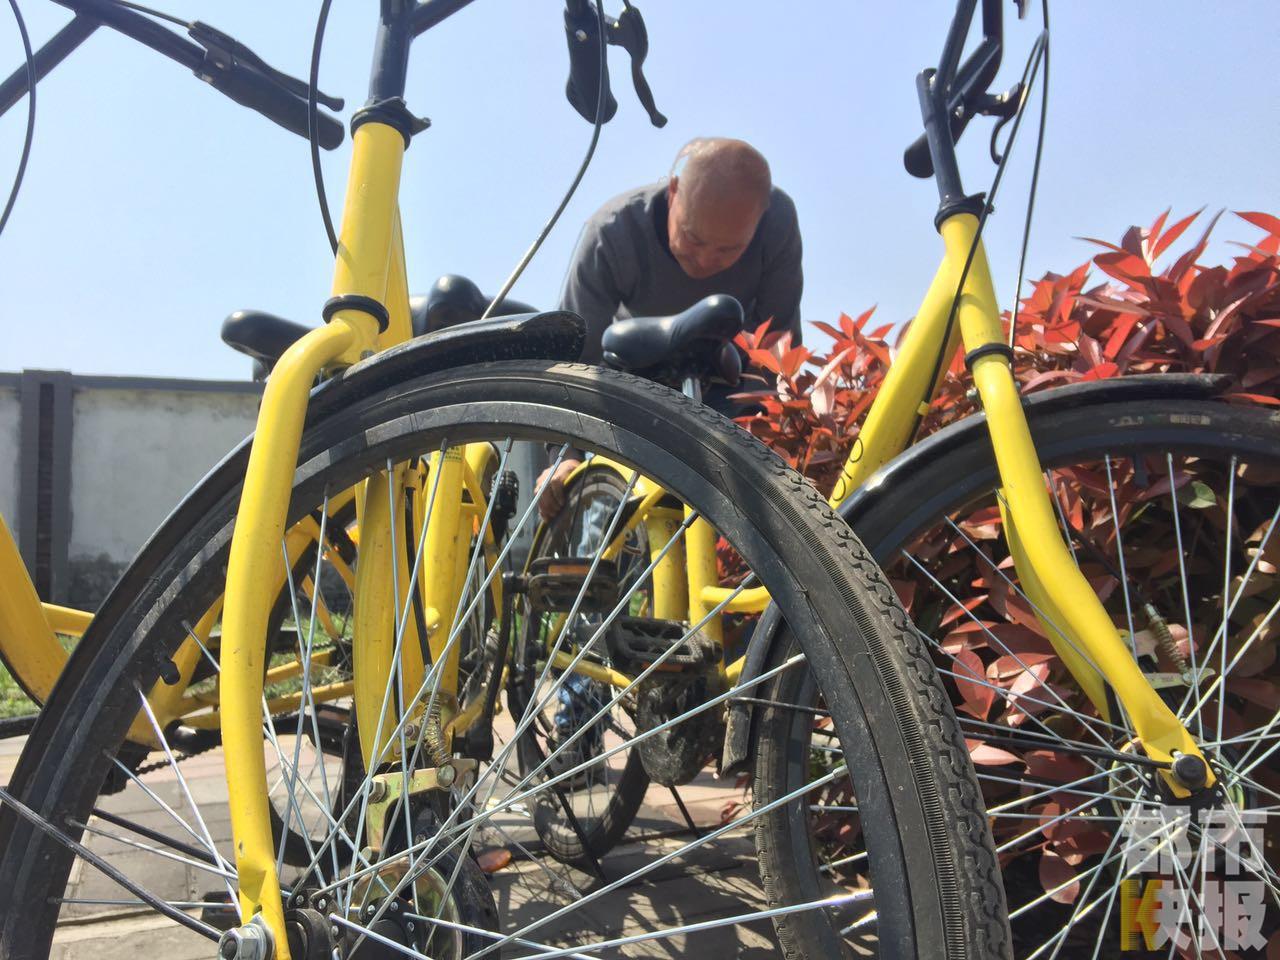 预计王大爷家今年_王大爷今年六十多岁了,义务维修共享单车,已经十多天了.